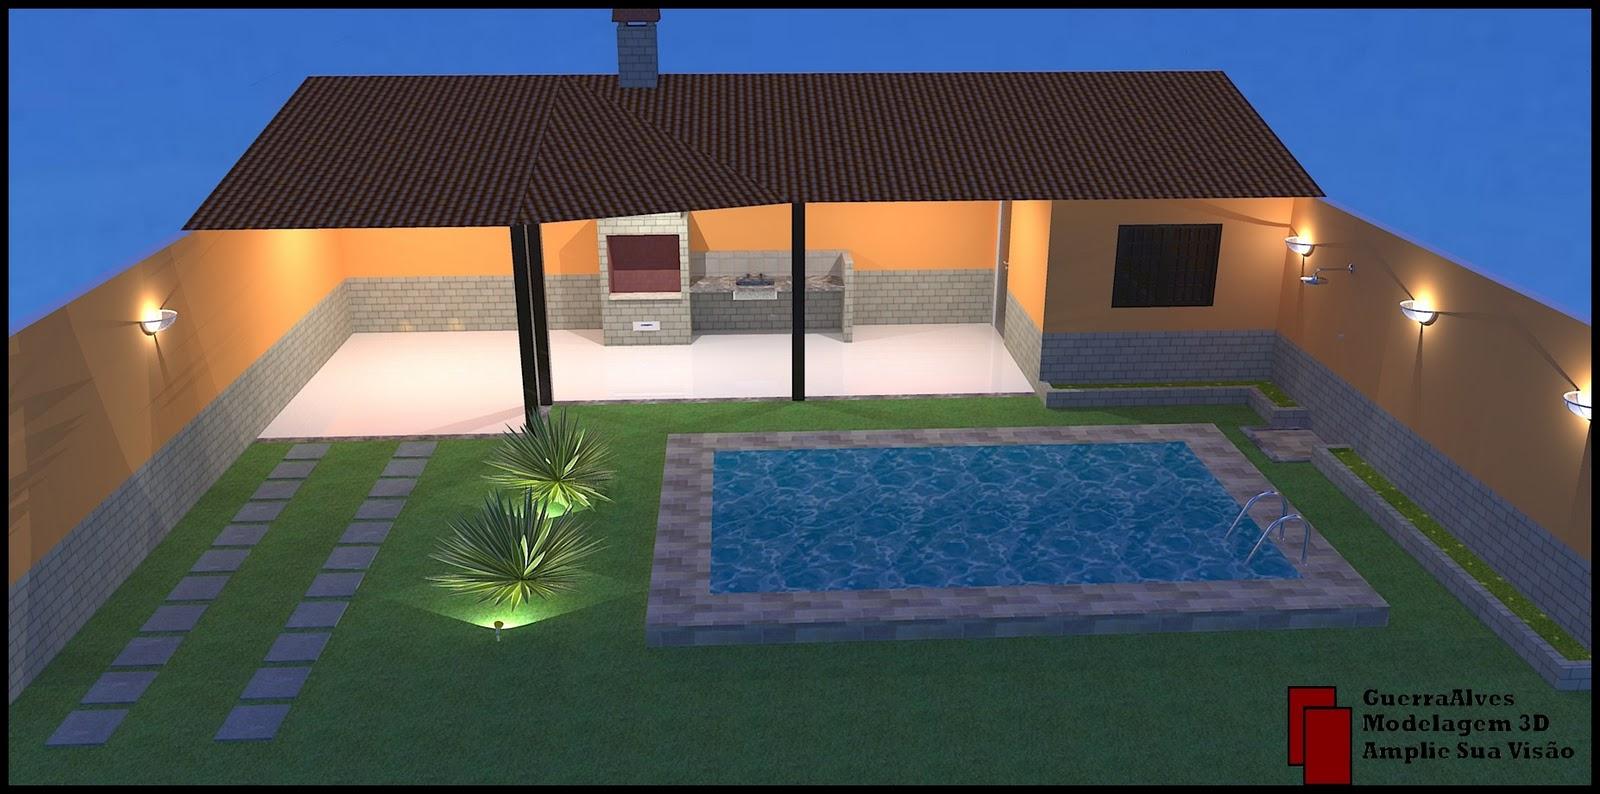 #9E532D GuerraAlves Modelagem 3D: PROJETO #7 ILUMINAÇÃO ÁREA DE LAZER 1600x794 px Projeto De Cozinha Com Area De Lazer #2817 imagens